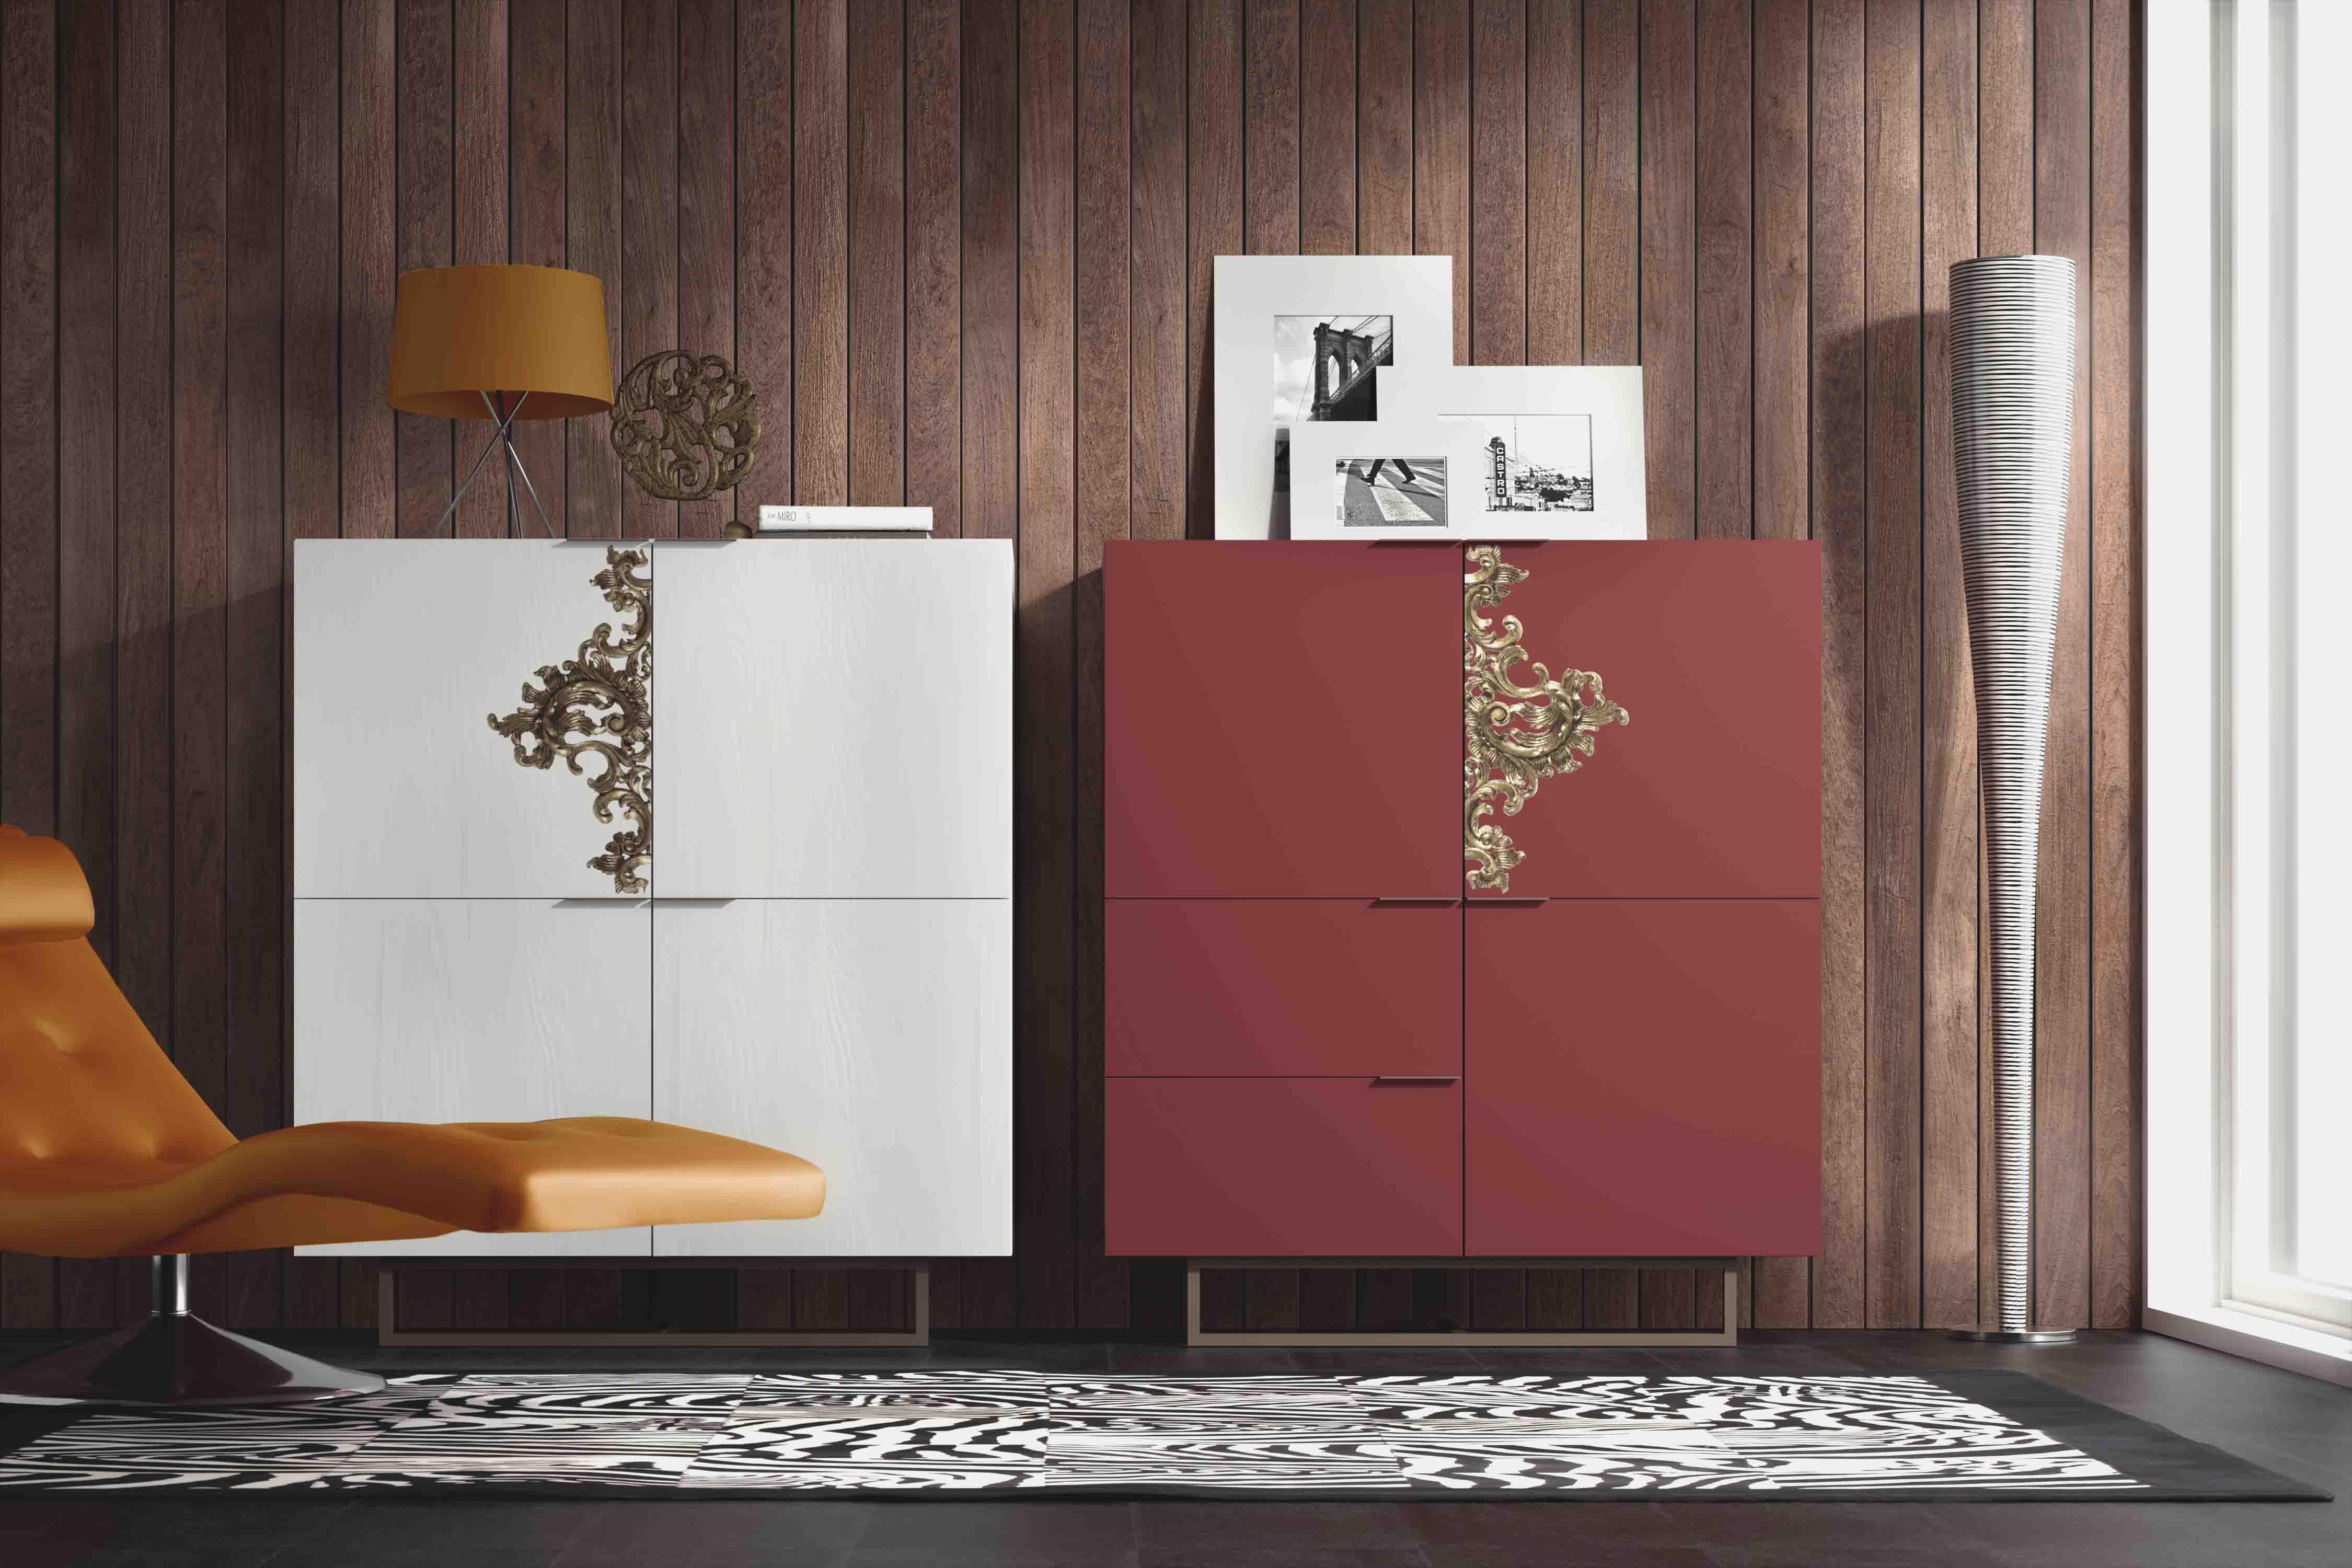 Bienvenidos A Dg Muebles Cocinas I Mobiliario De Hogar Y  # Muebles Dorados